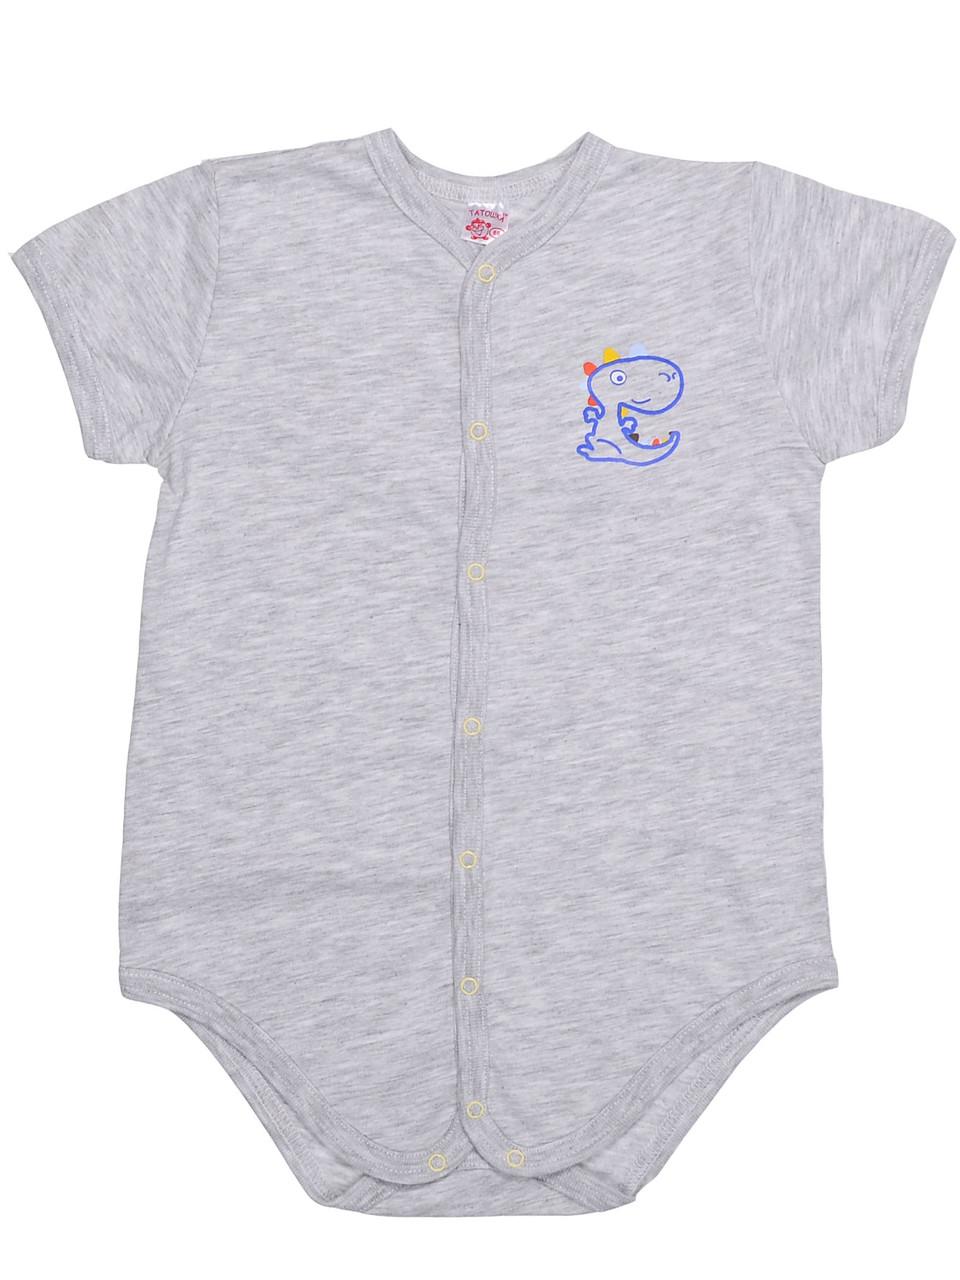 Боди-футболка, кулир (100% хлопок), серый меланж 86 р